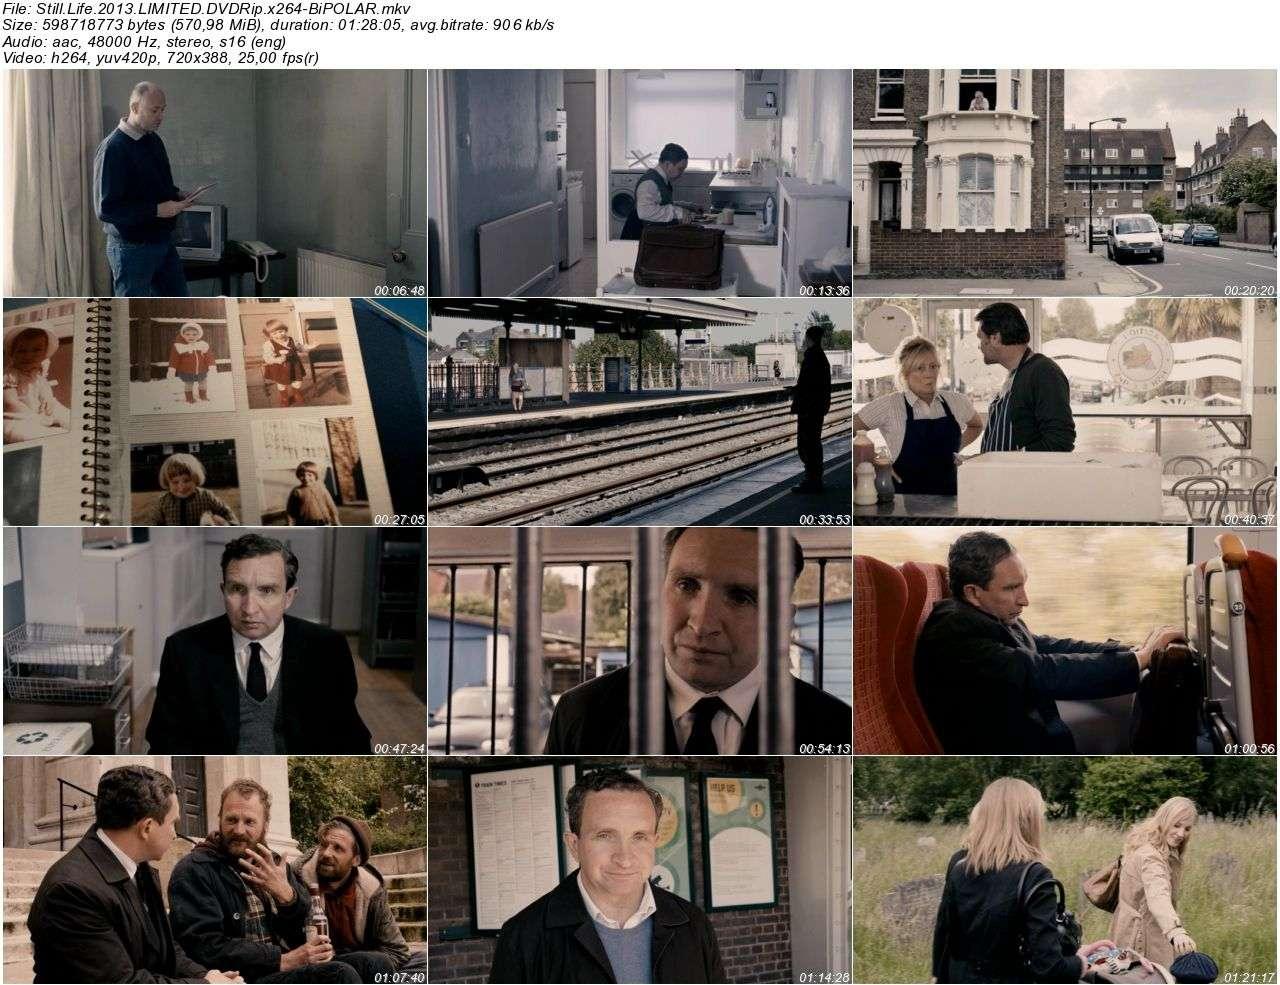 Durgun Hayat - 2013 DVDRip x264 - Türkçe Altyazılı Tek Link indir